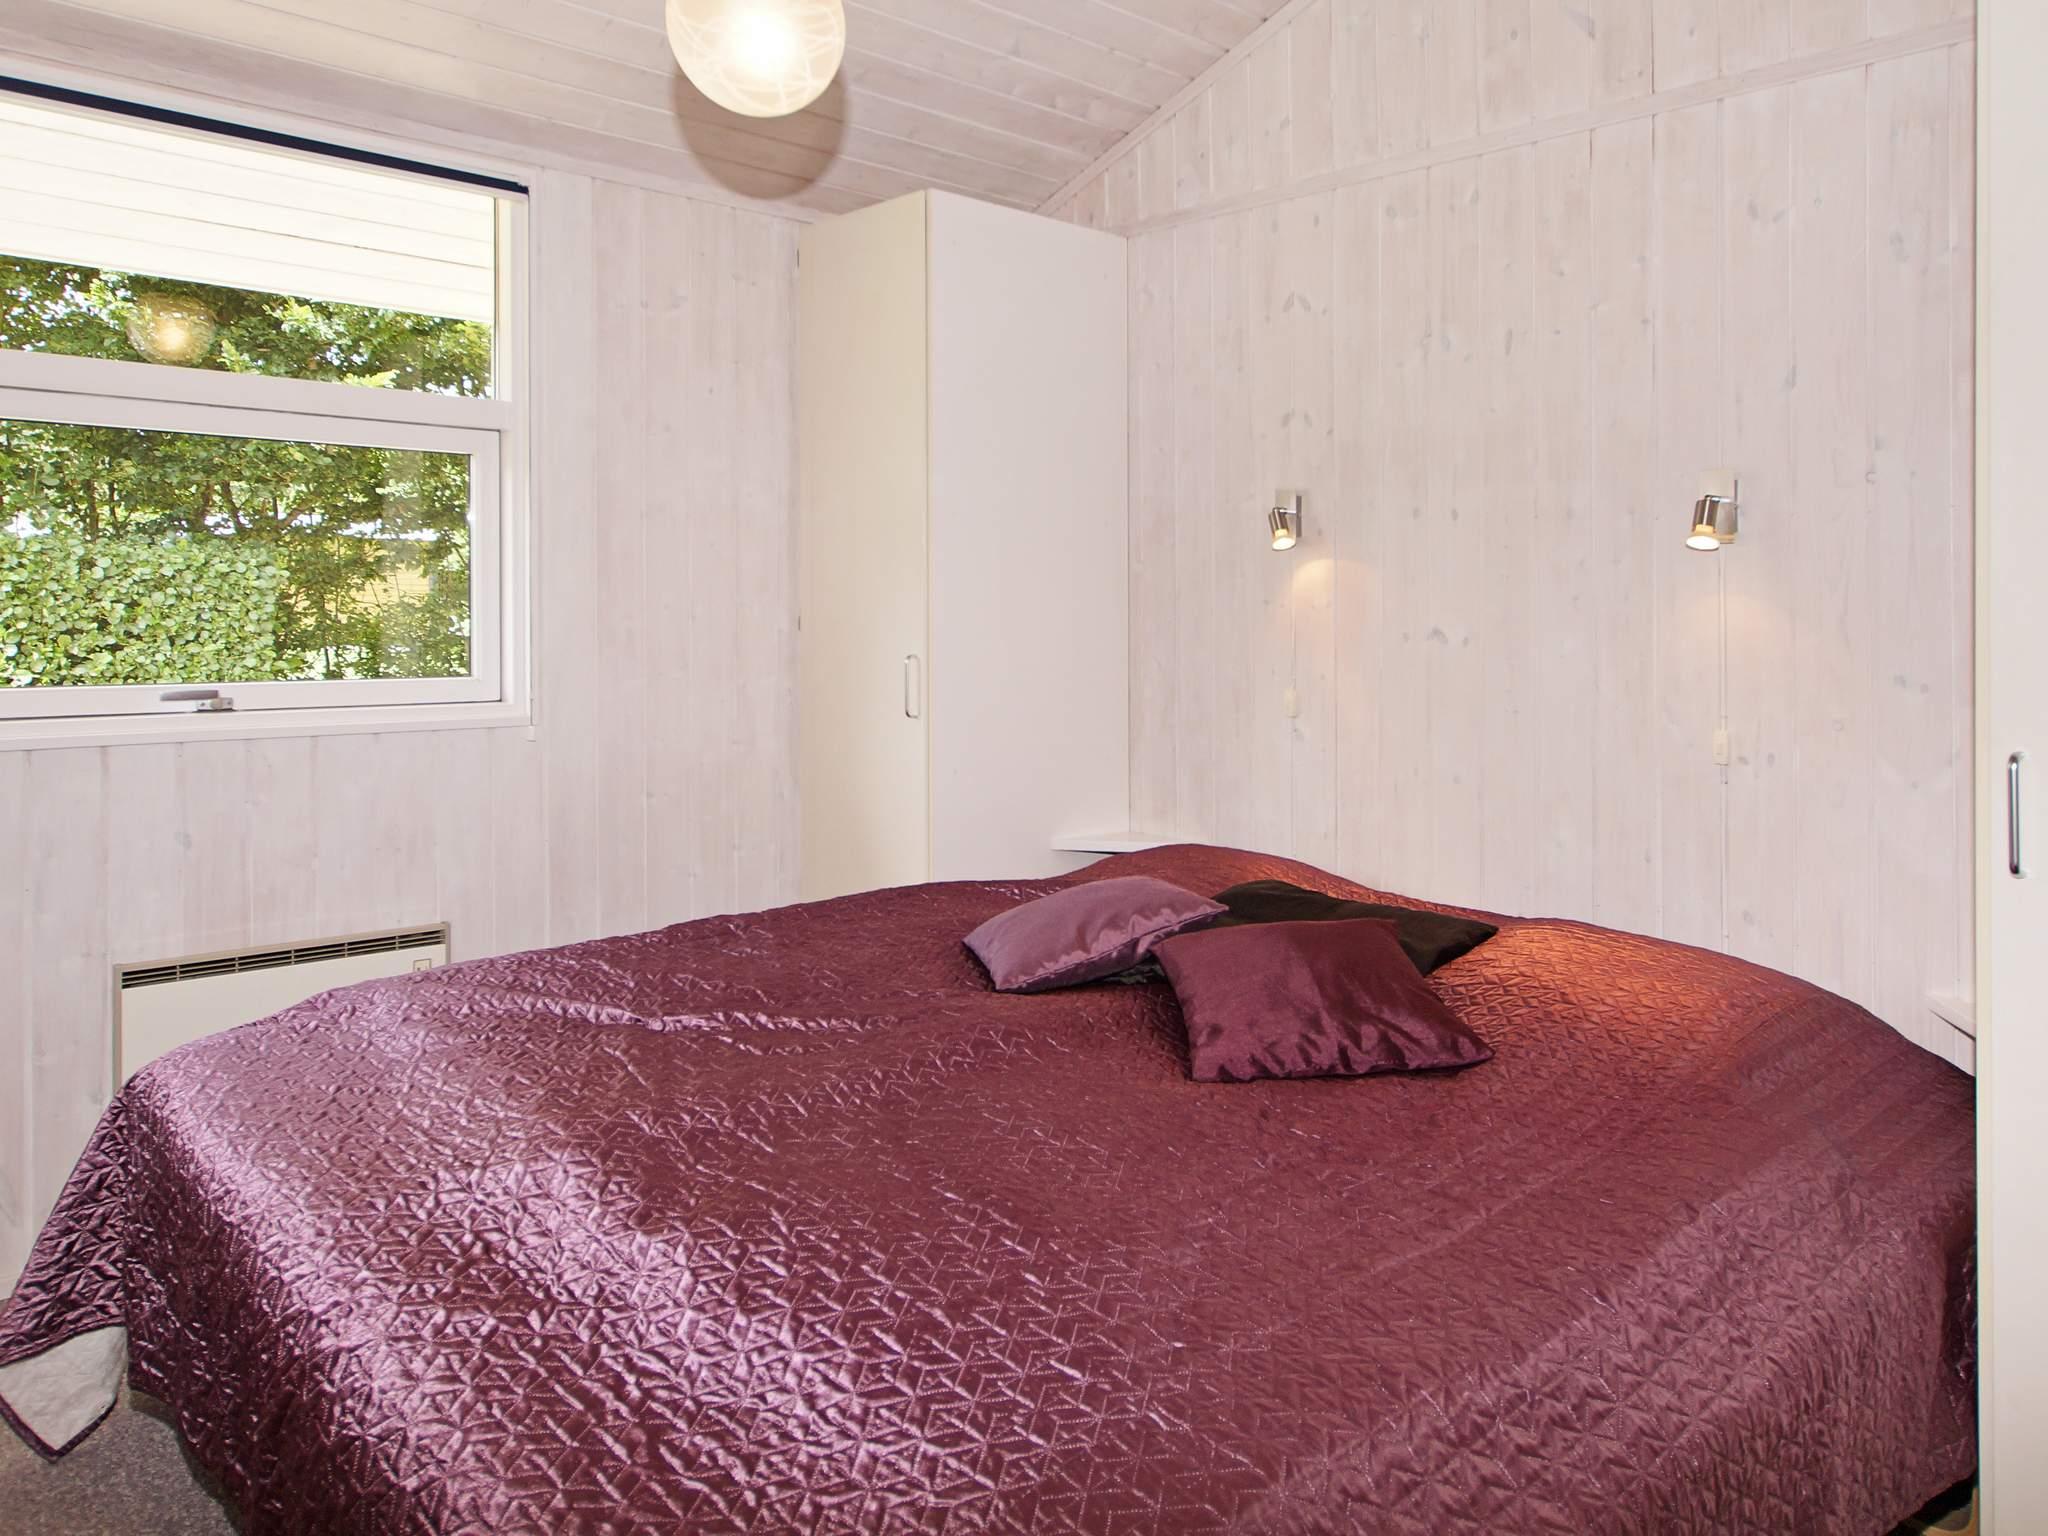 Ferienhaus Bork Havn (241763), Bork Havn, , Westjütland, Dänemark, Bild 5